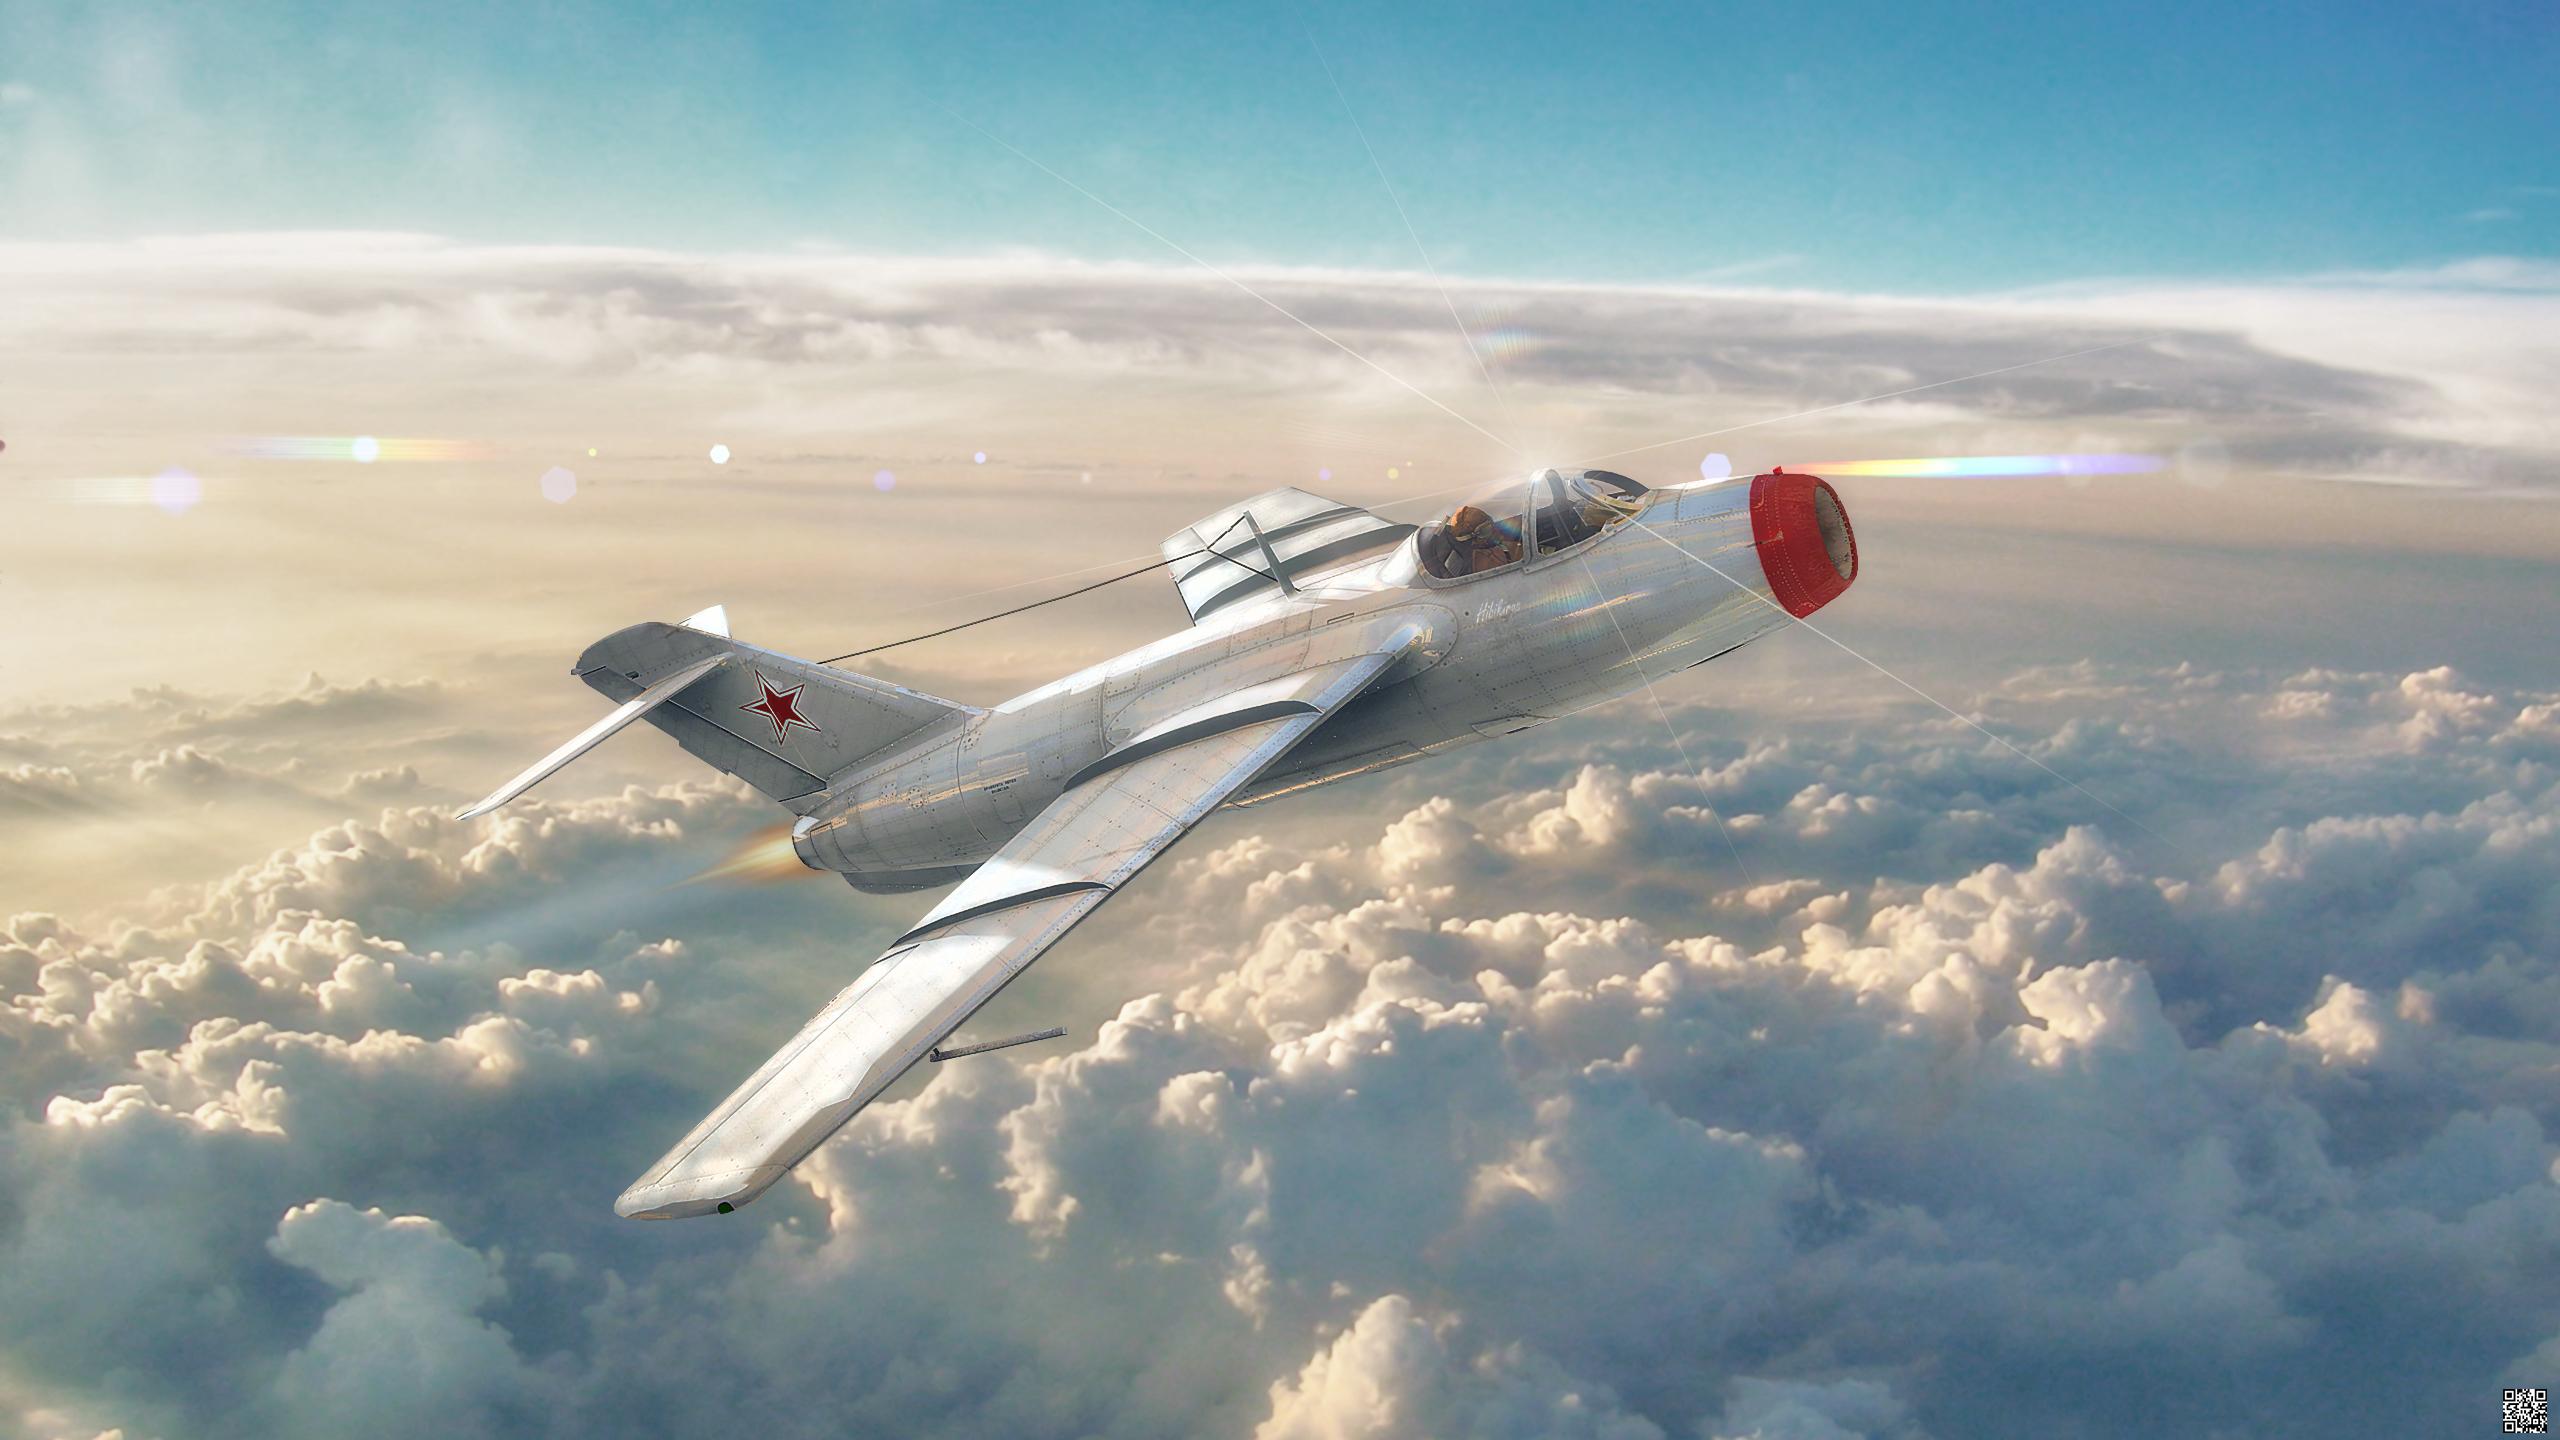 Обоина Ла-15 от меня =) - Фан-Арт - War Thunder - Официальный форум